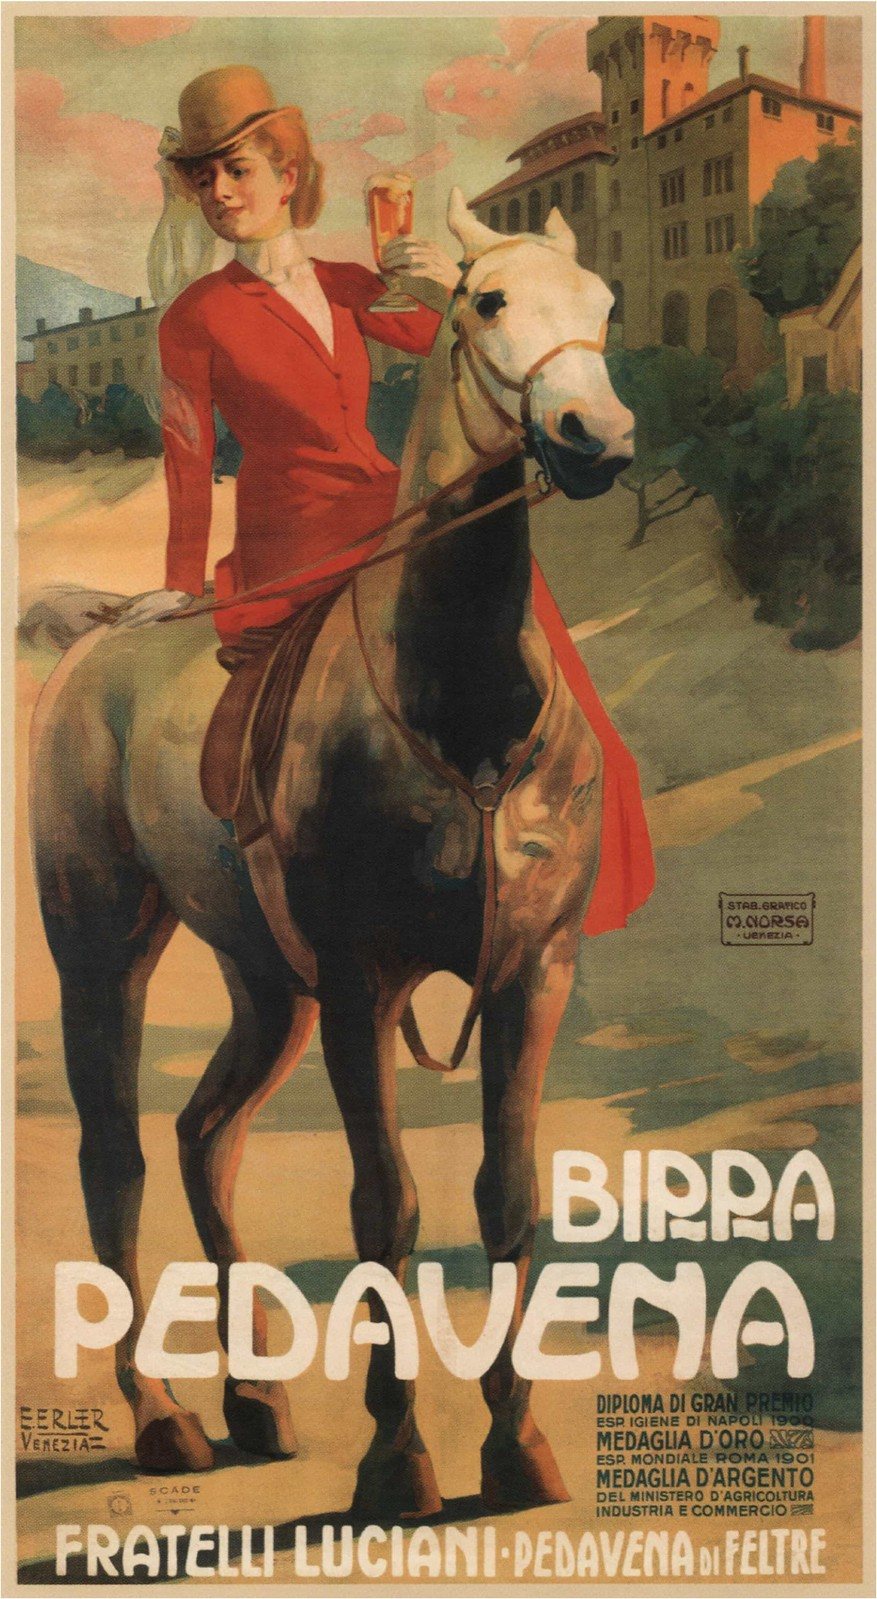 Birra-Pedavena-Erich-Erler-1910